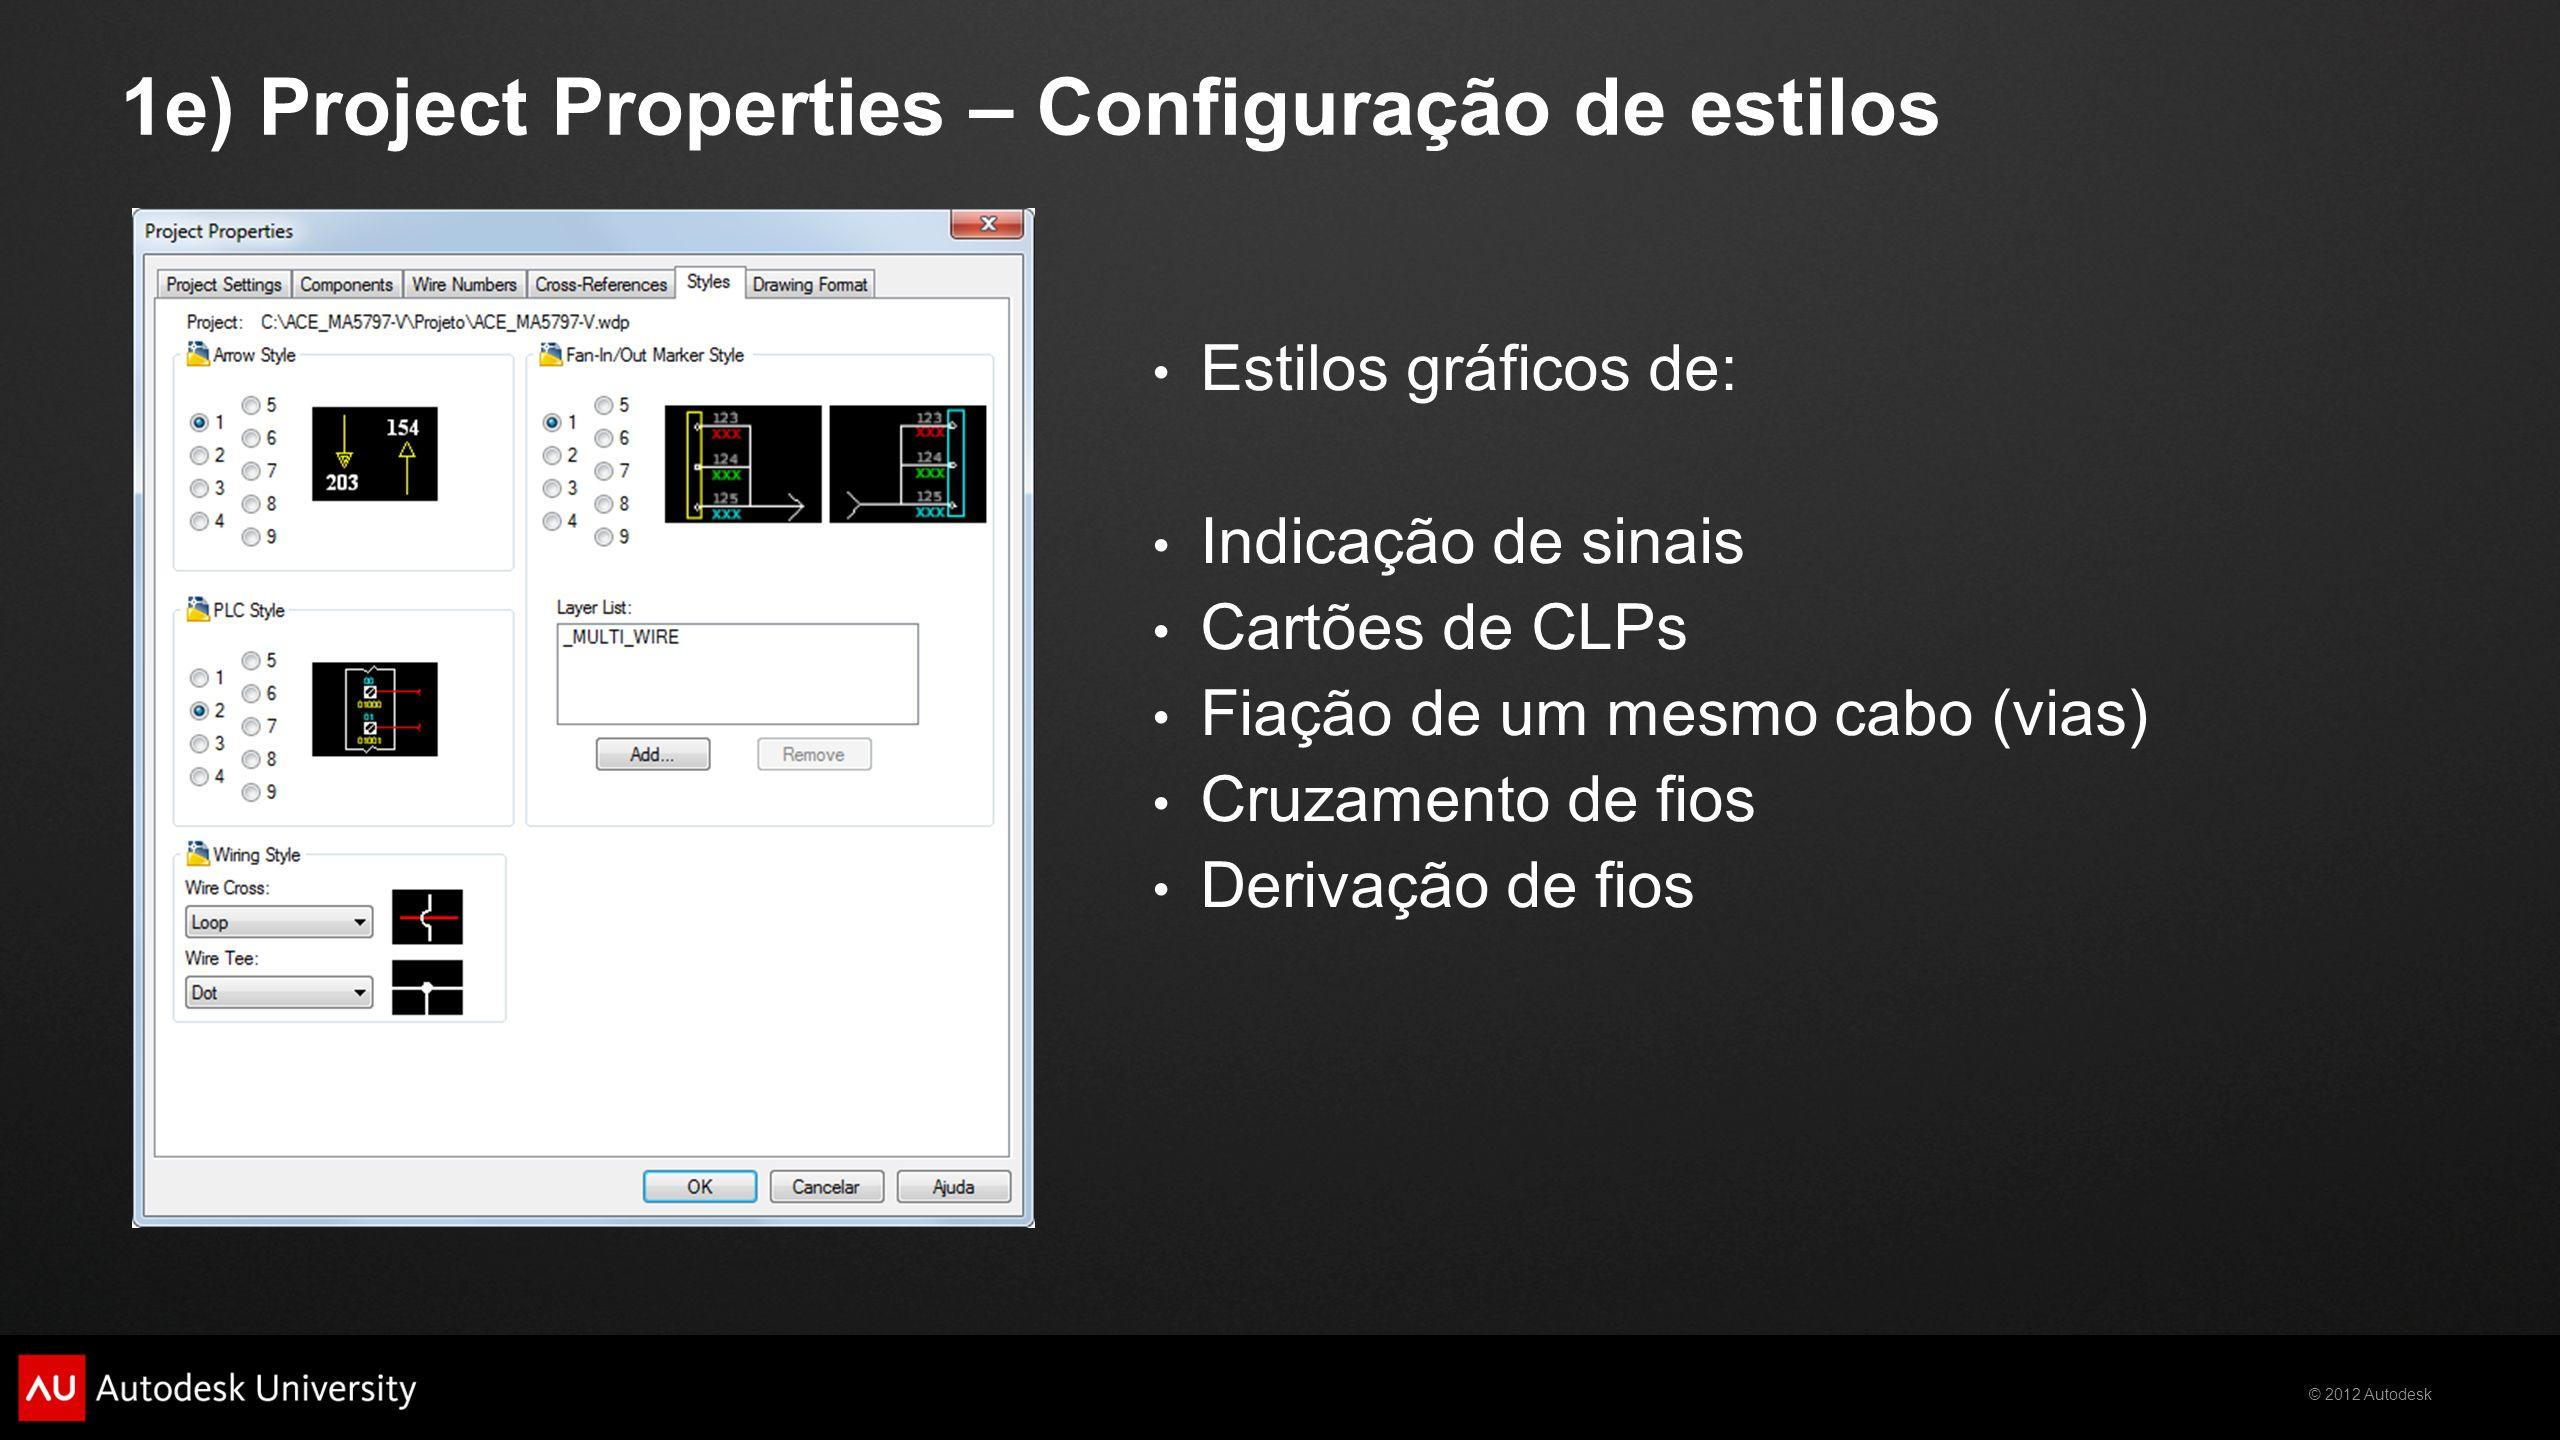 1e) Project Properties – Configuração de estilos